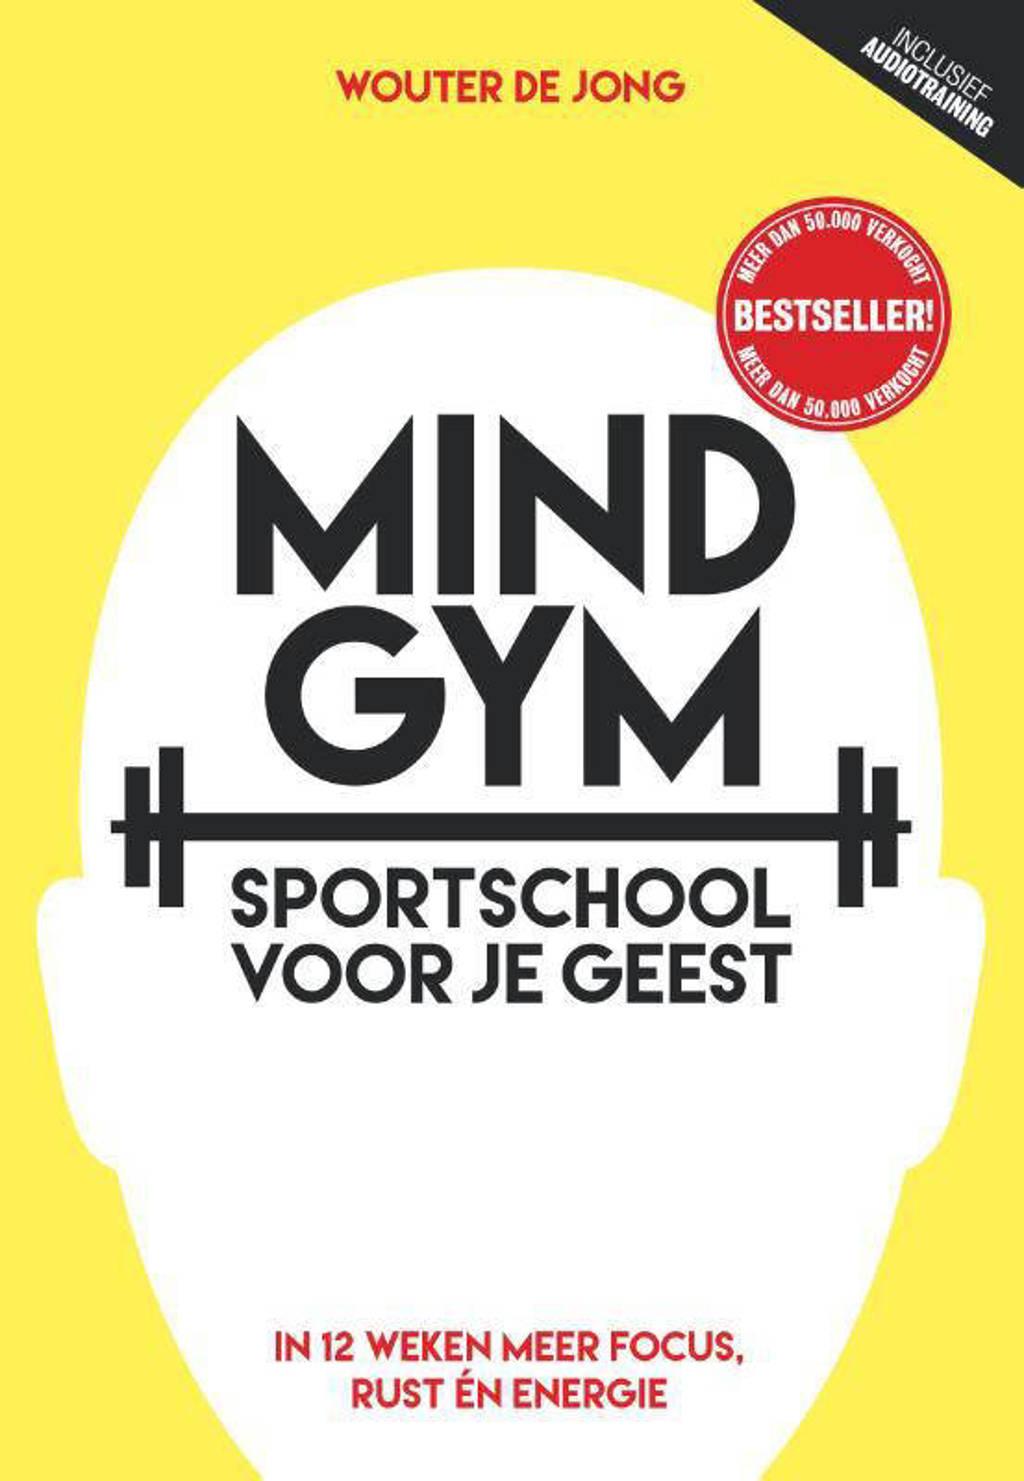 Mindgym, sportschool voor je geest - Wouter de Jong